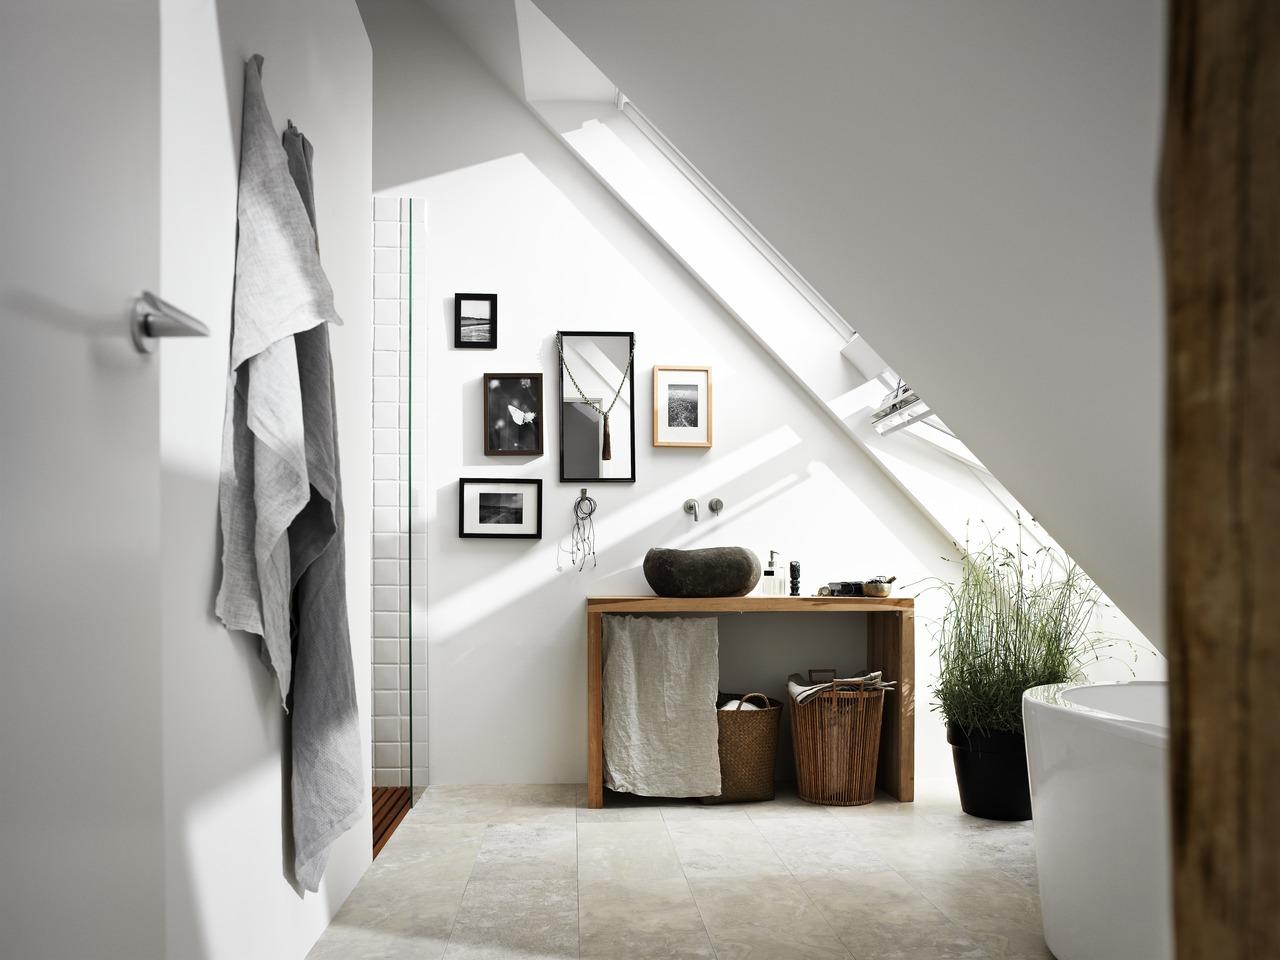 Mobile Sotto Mensola Bagno 4 idee per ricavare spazio in bagno - mansarda.it